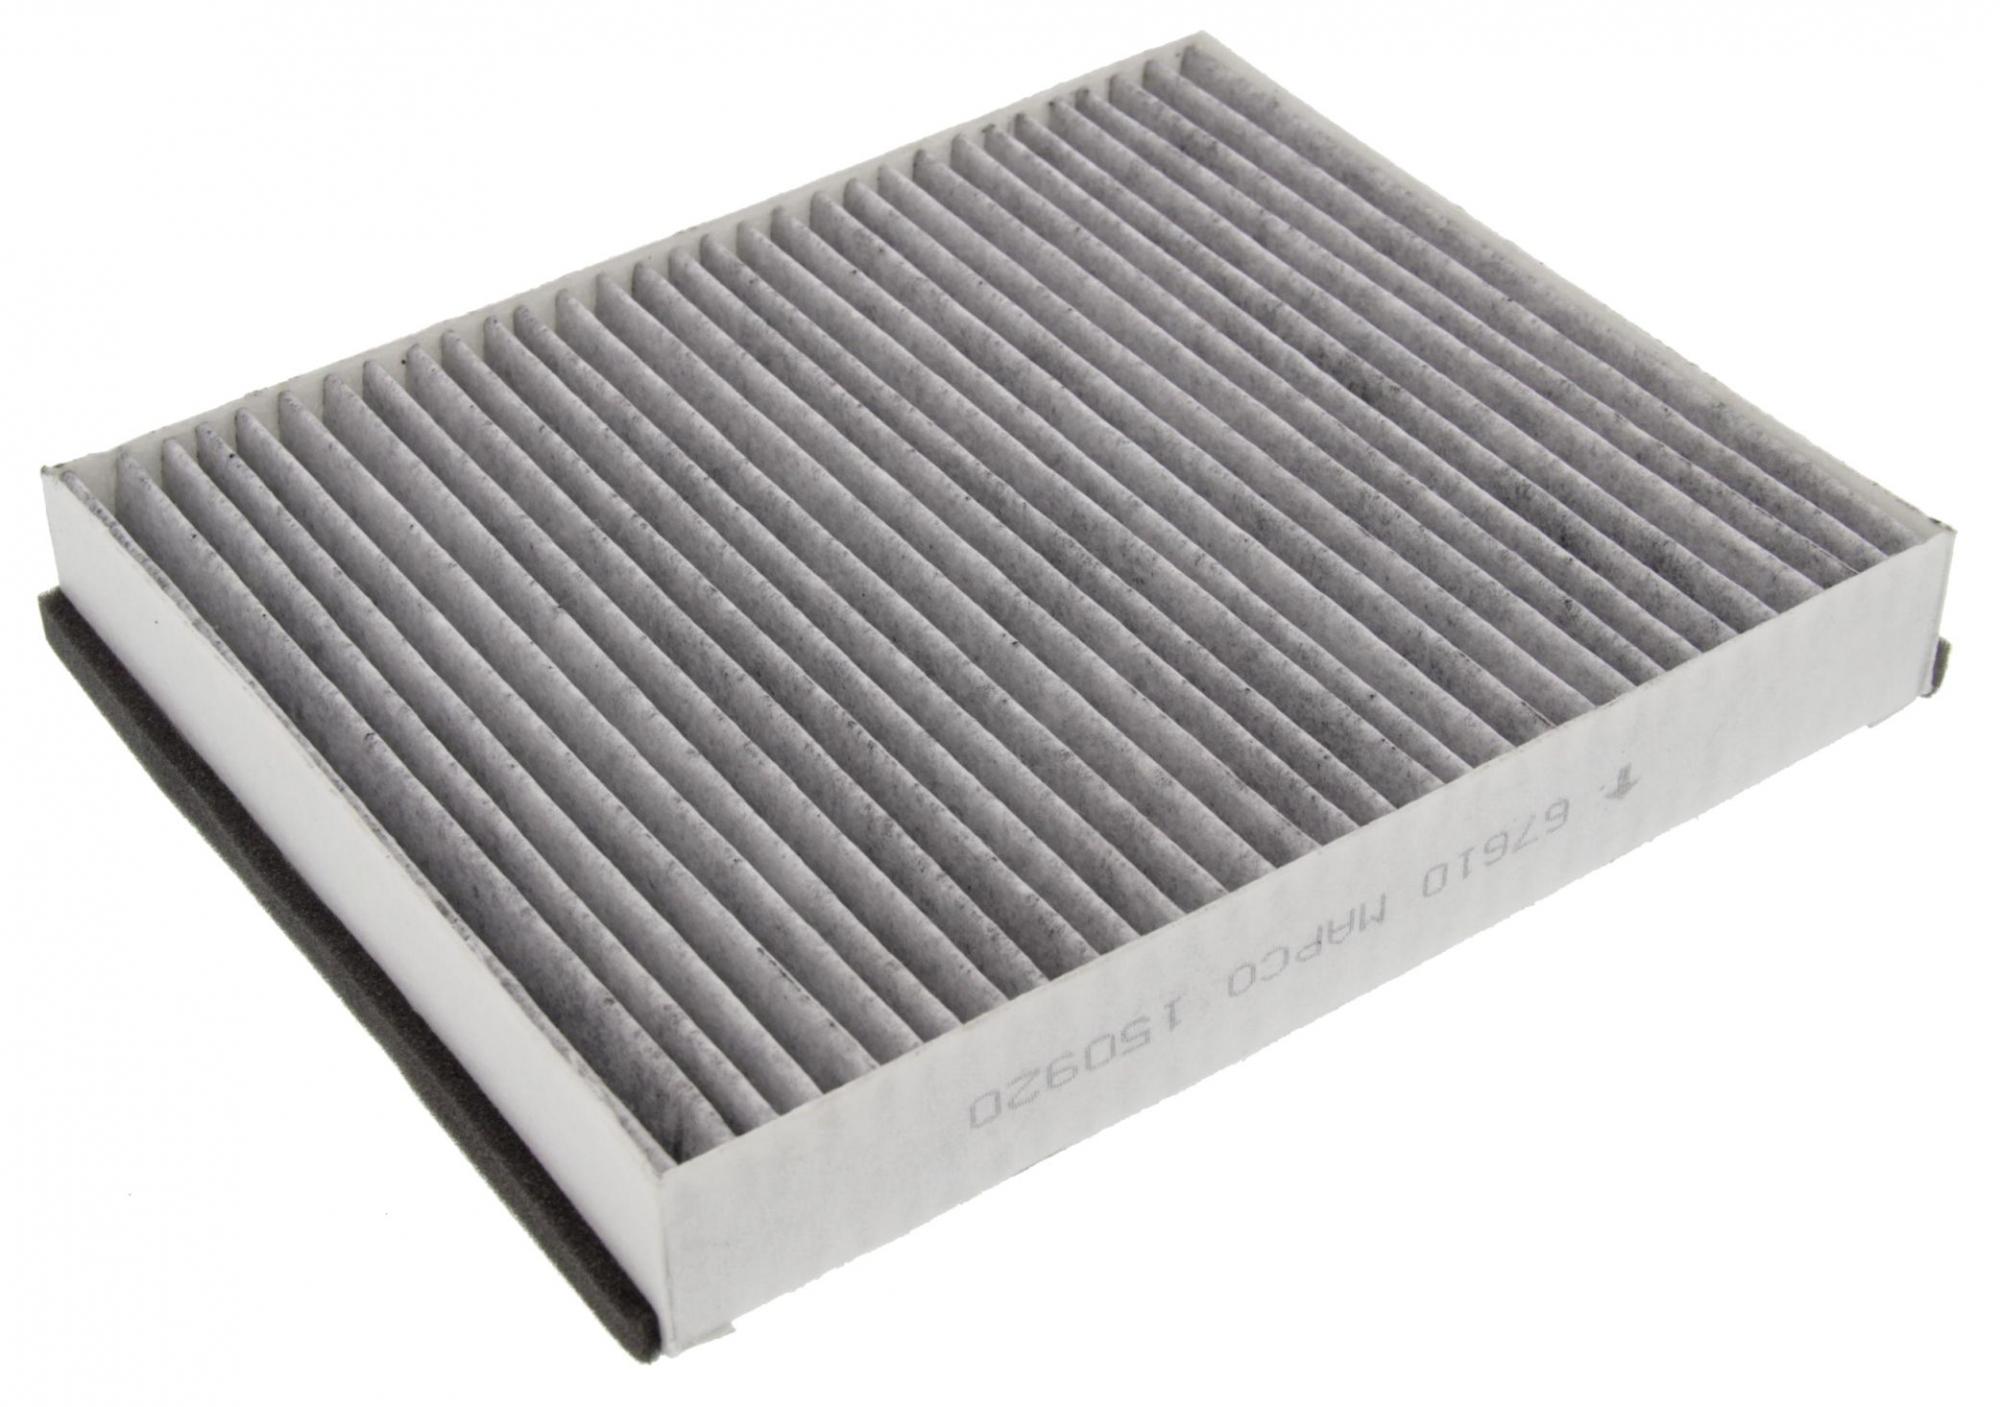 Mapco 67610 filtro aria abitacolo for Filtro aria abitacolo camry